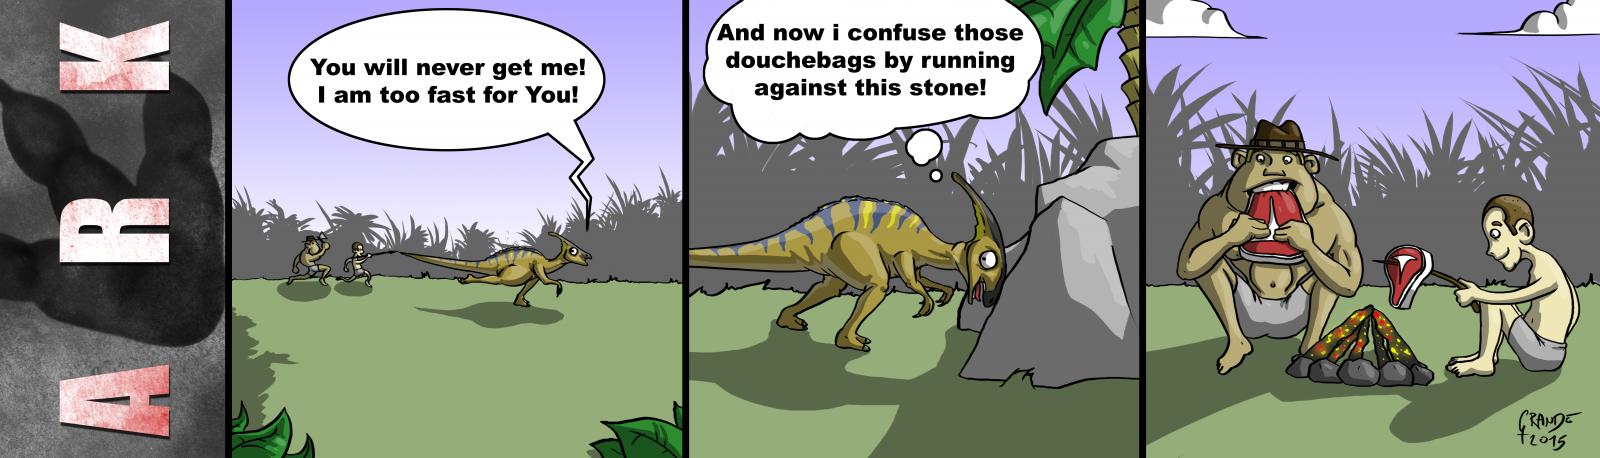 Rock confusion